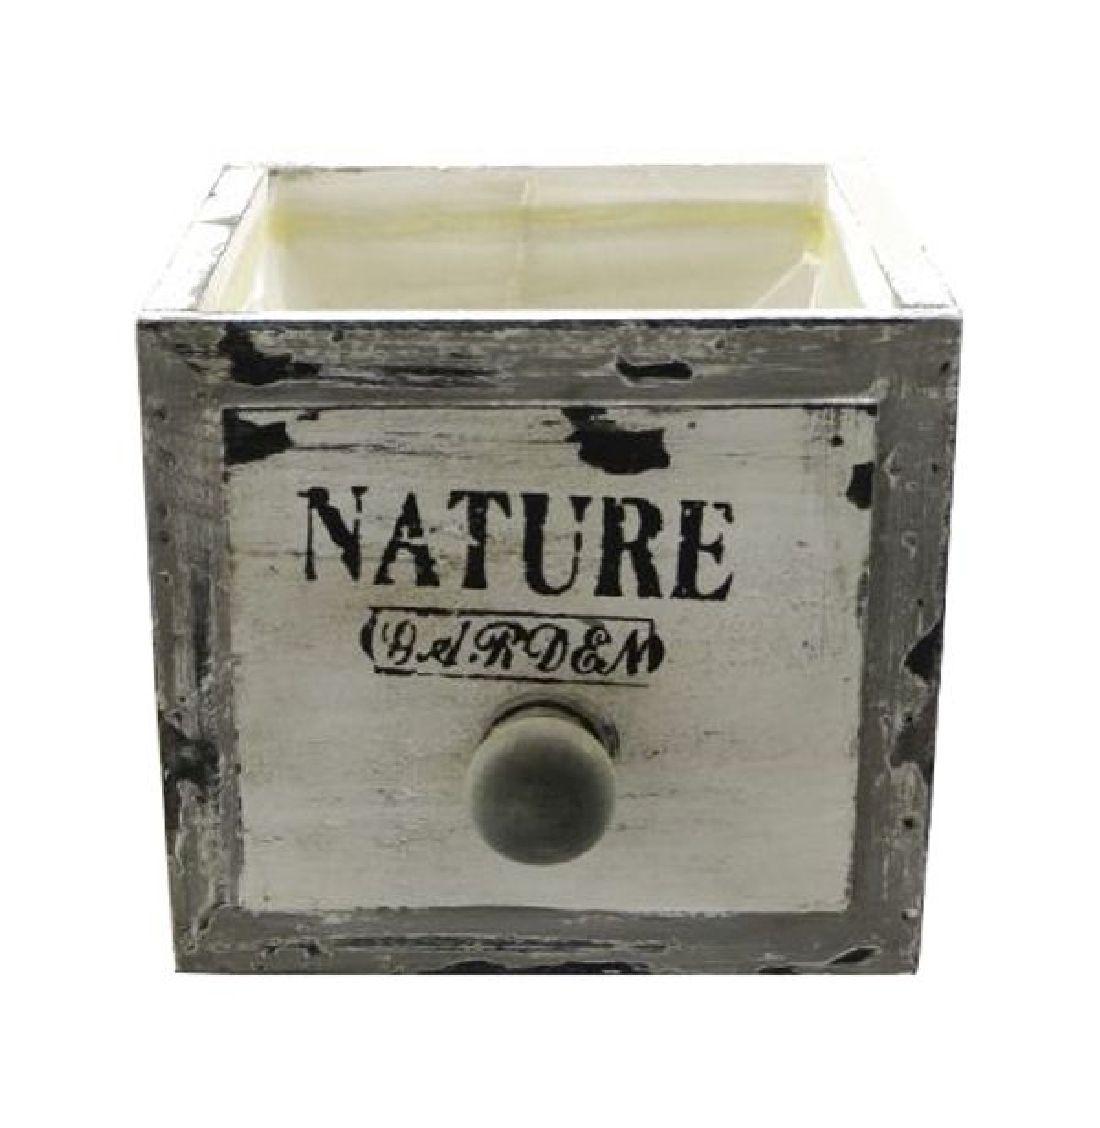 Schubladenbox mit Innenfolie VINTAGE 12568 Holz NATURE Garden 16x16xH13,5cm